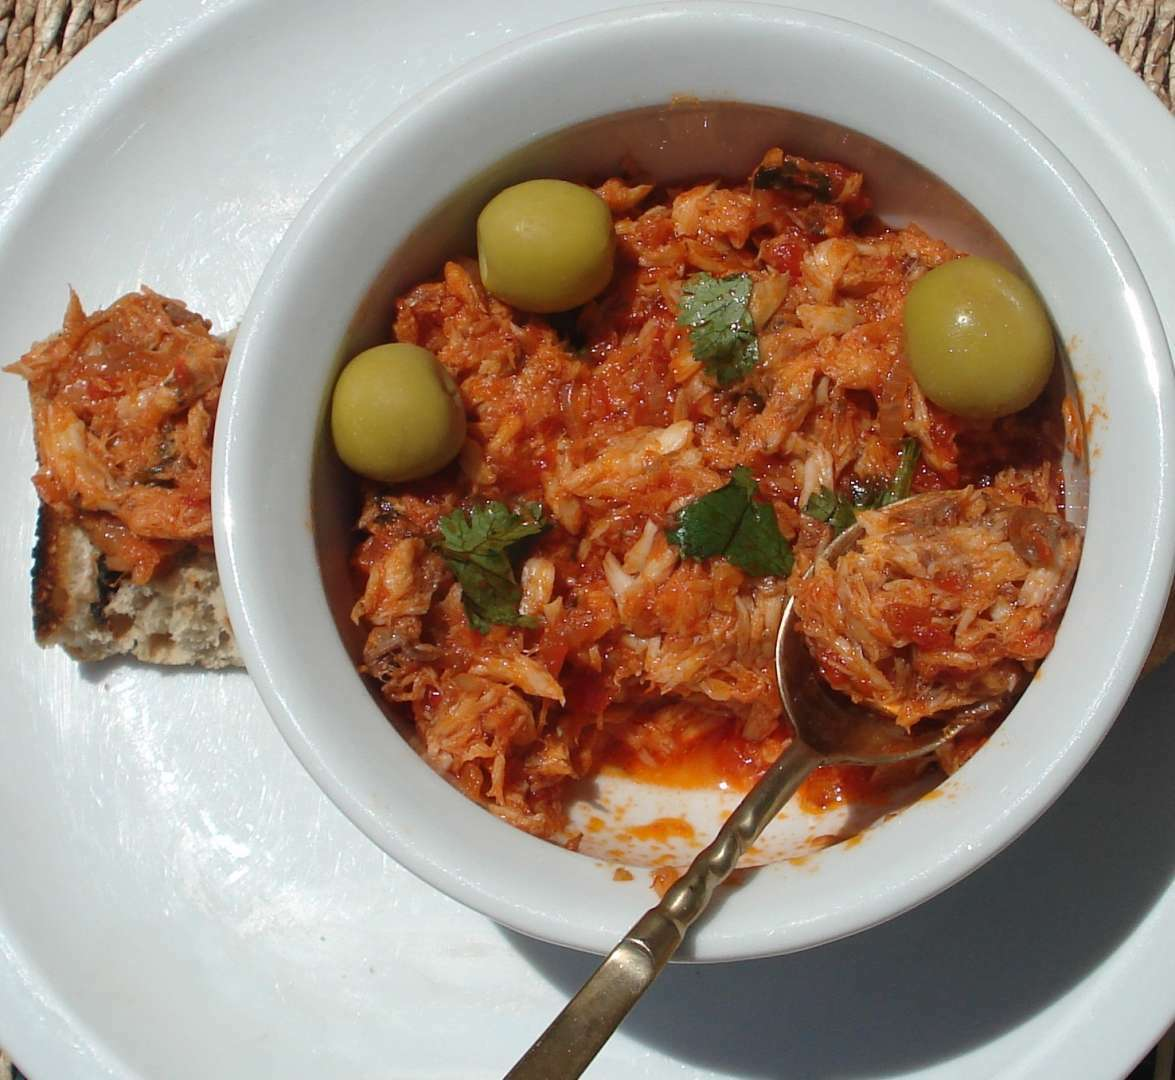 Aperitivo de jurel receta petitchef for Cocinar jurel